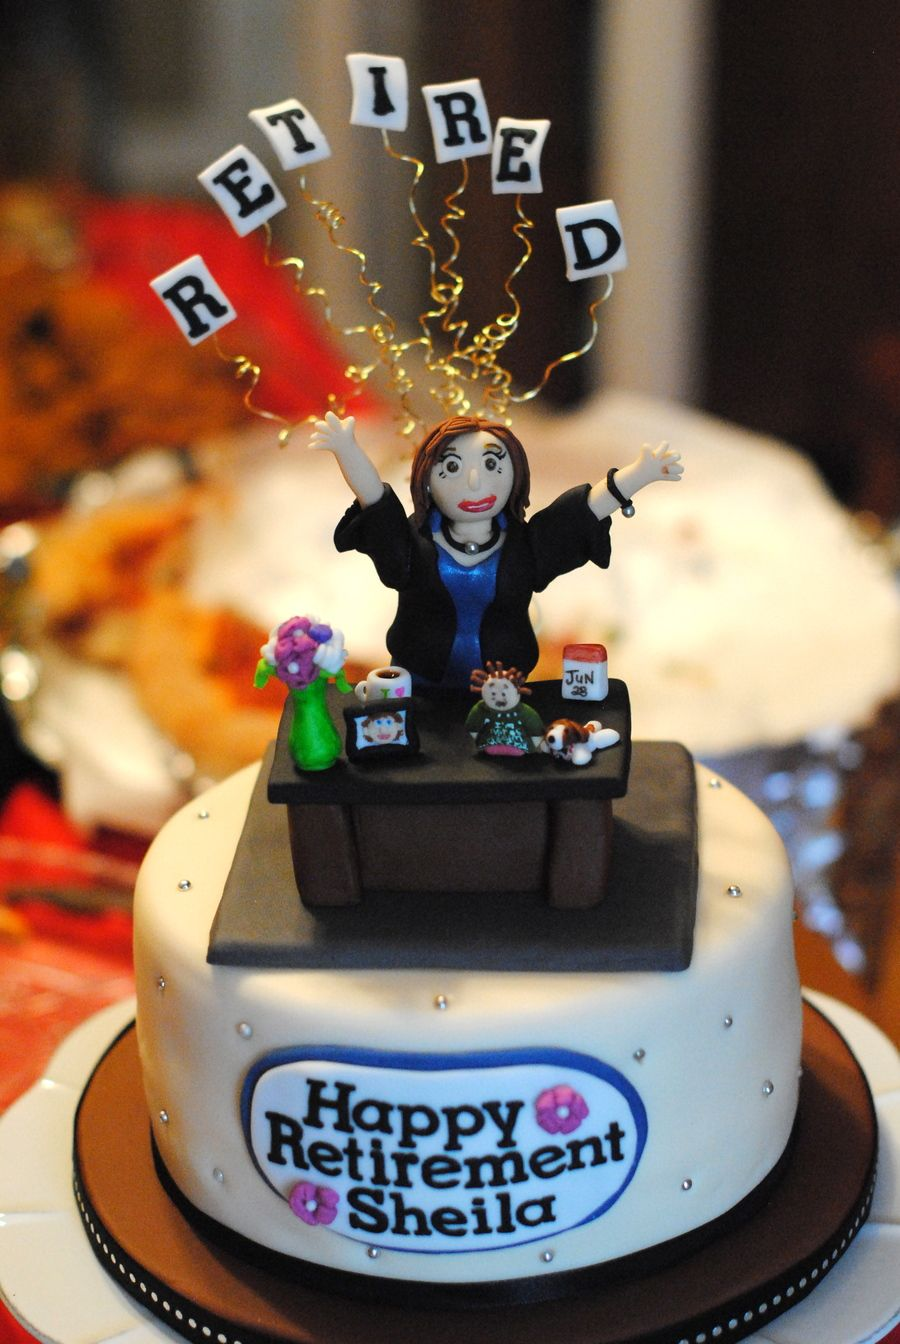 Sheila S Retirement Cake Con Imagenes Tortas De Jubilacion